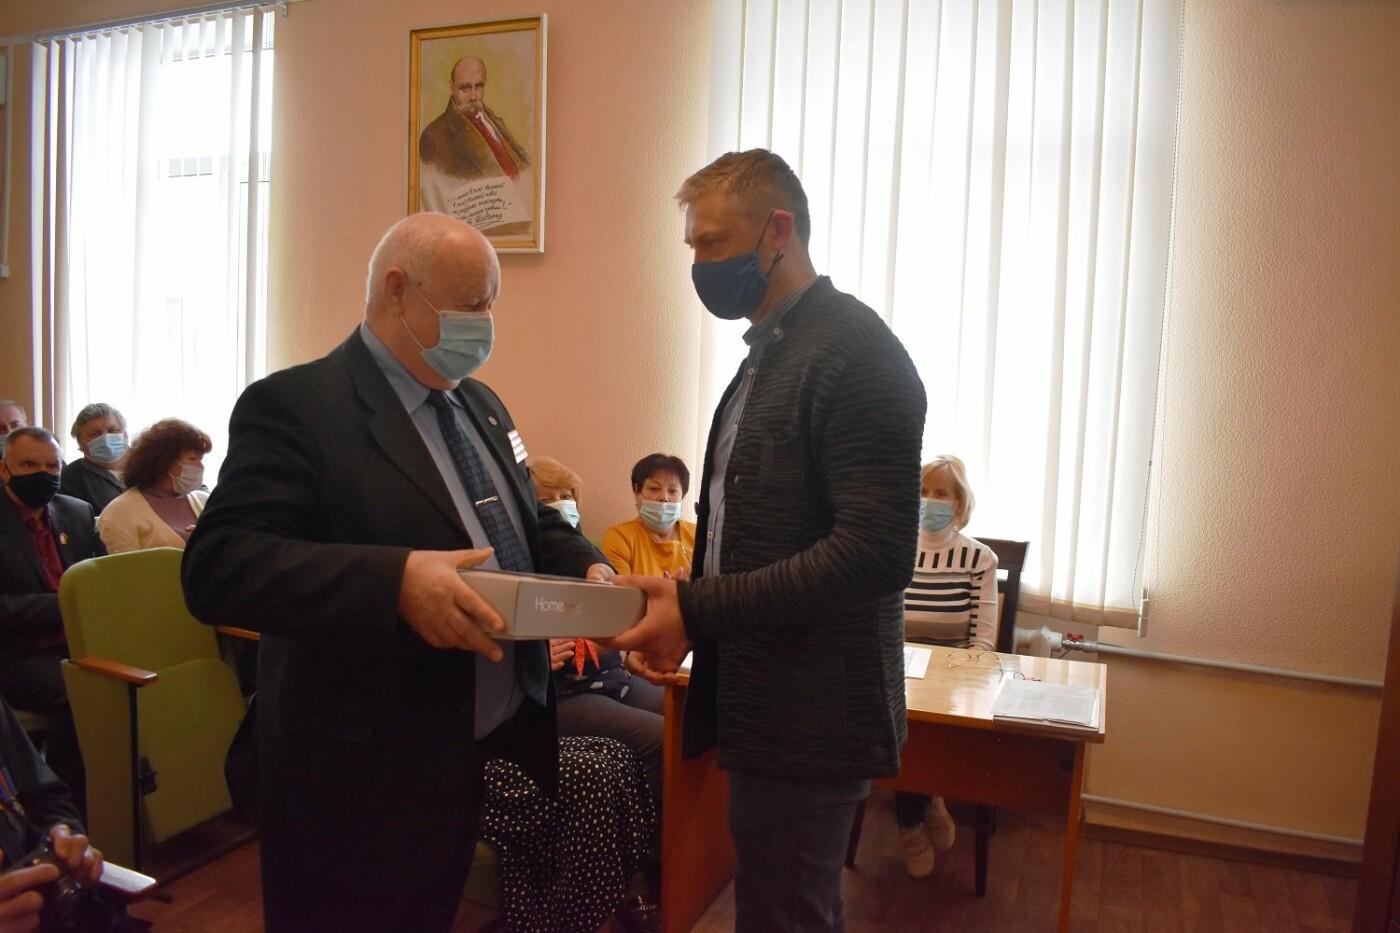 В Северодонецке наградили грамотами ликвидаторов чернобыльской катастрофы (фото), фото-2